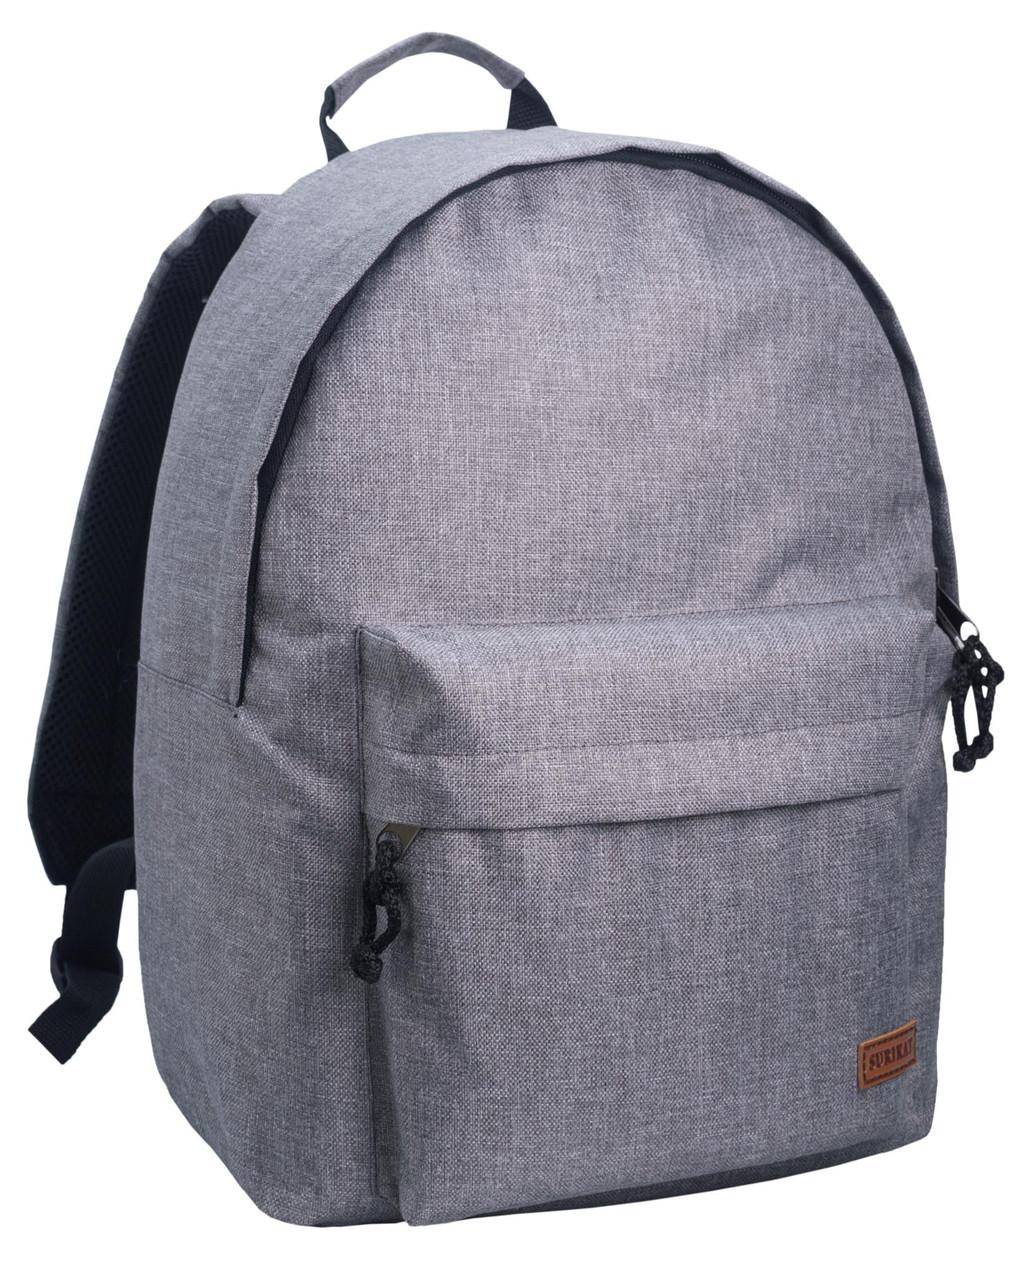 6c9bc2da17e6 Городской рюкзак универсальный City Surikat 16л. серый (школьный рюкзак,  спортивный, женский,